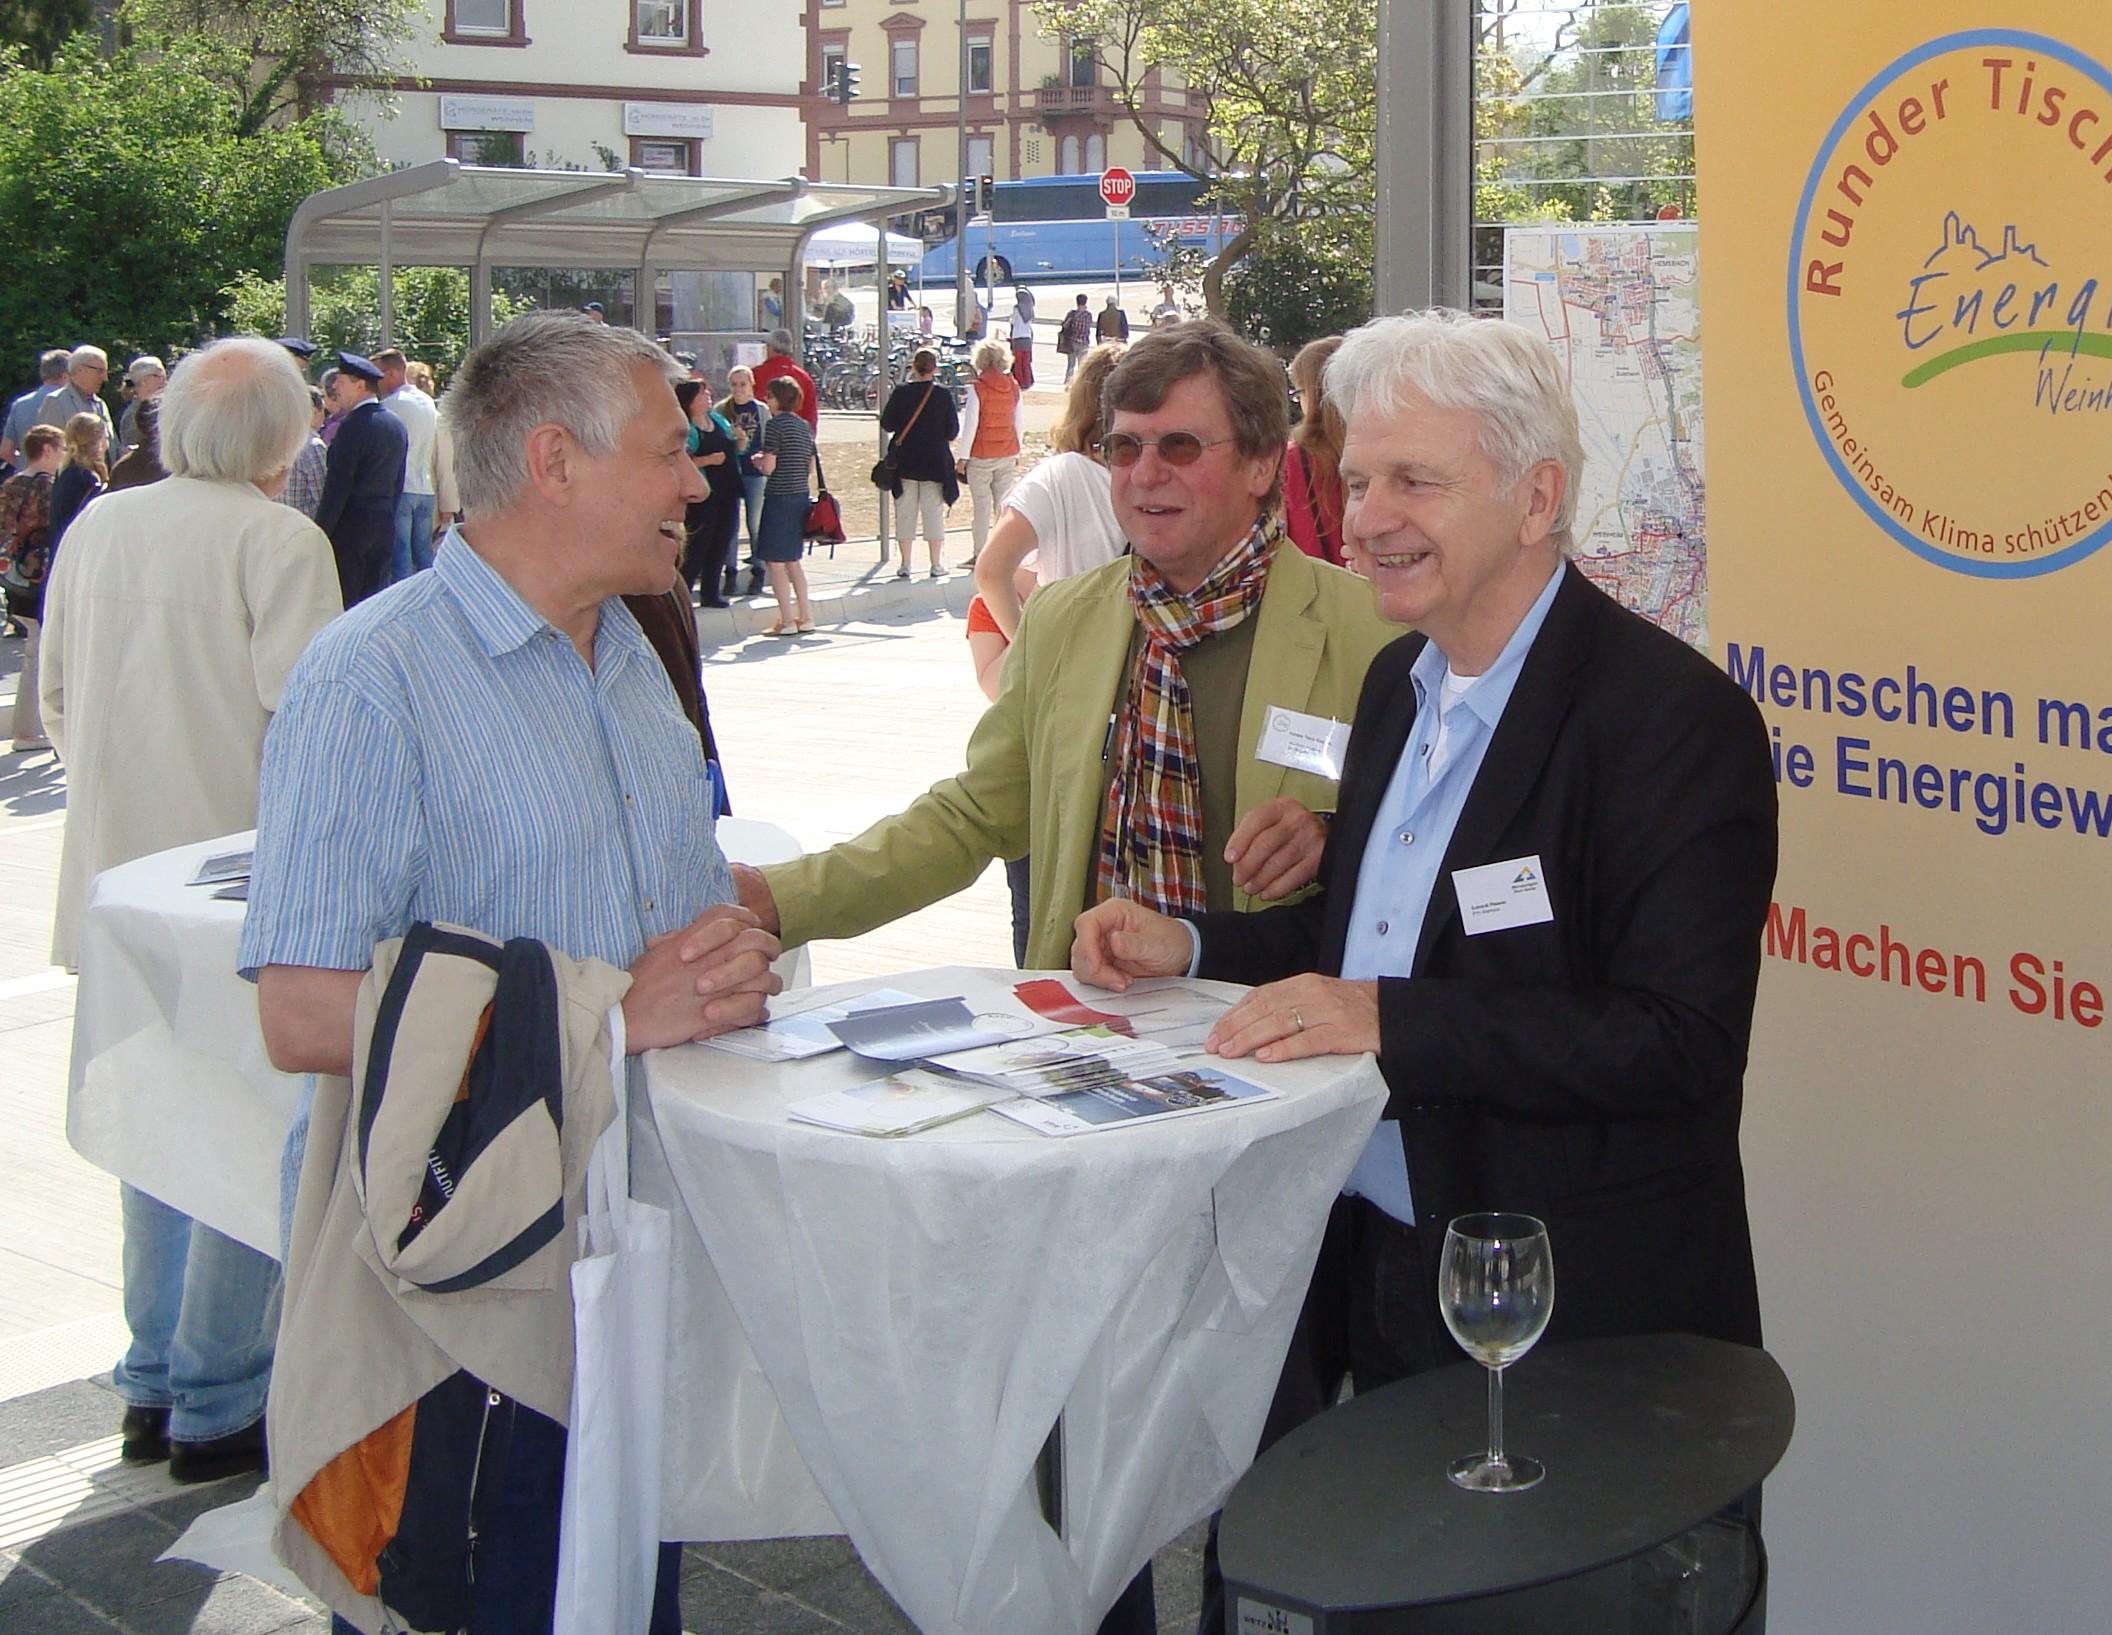 Dr. Boguslawski und E.Pfisterer vom RTE im Gespräch mit einem Bürger